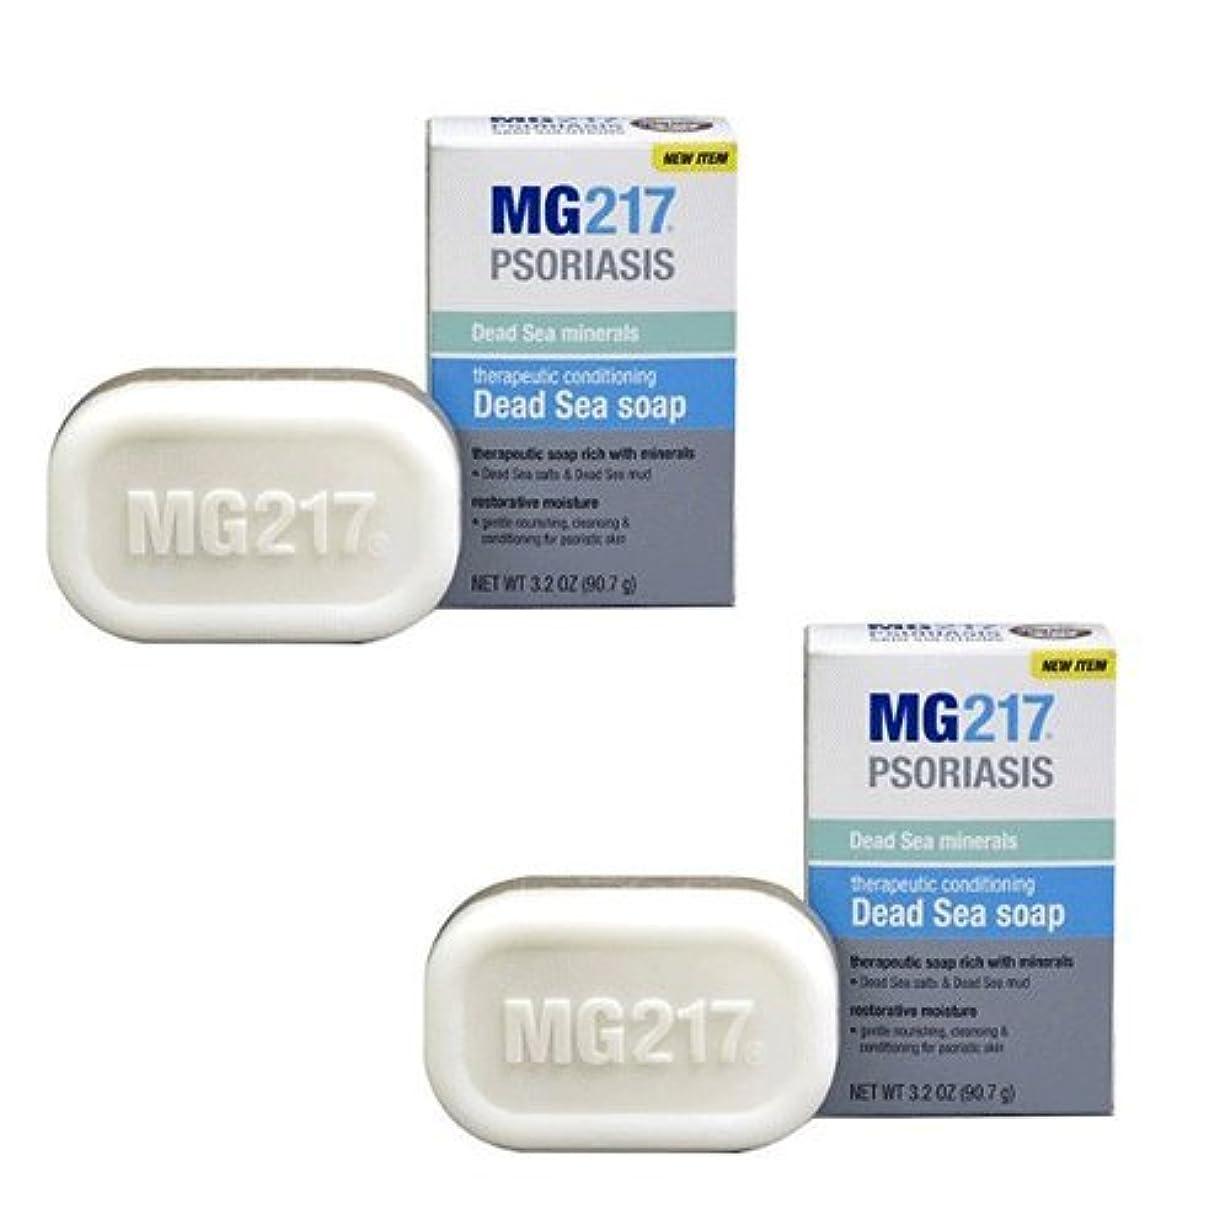 キャンプ特権的ラブ2個セット 死海の泥とミネラルたっぷり MG217ソープ 90g MG217 Psoriasis Therapeutic Conditioning Dead Sea Bar Soap